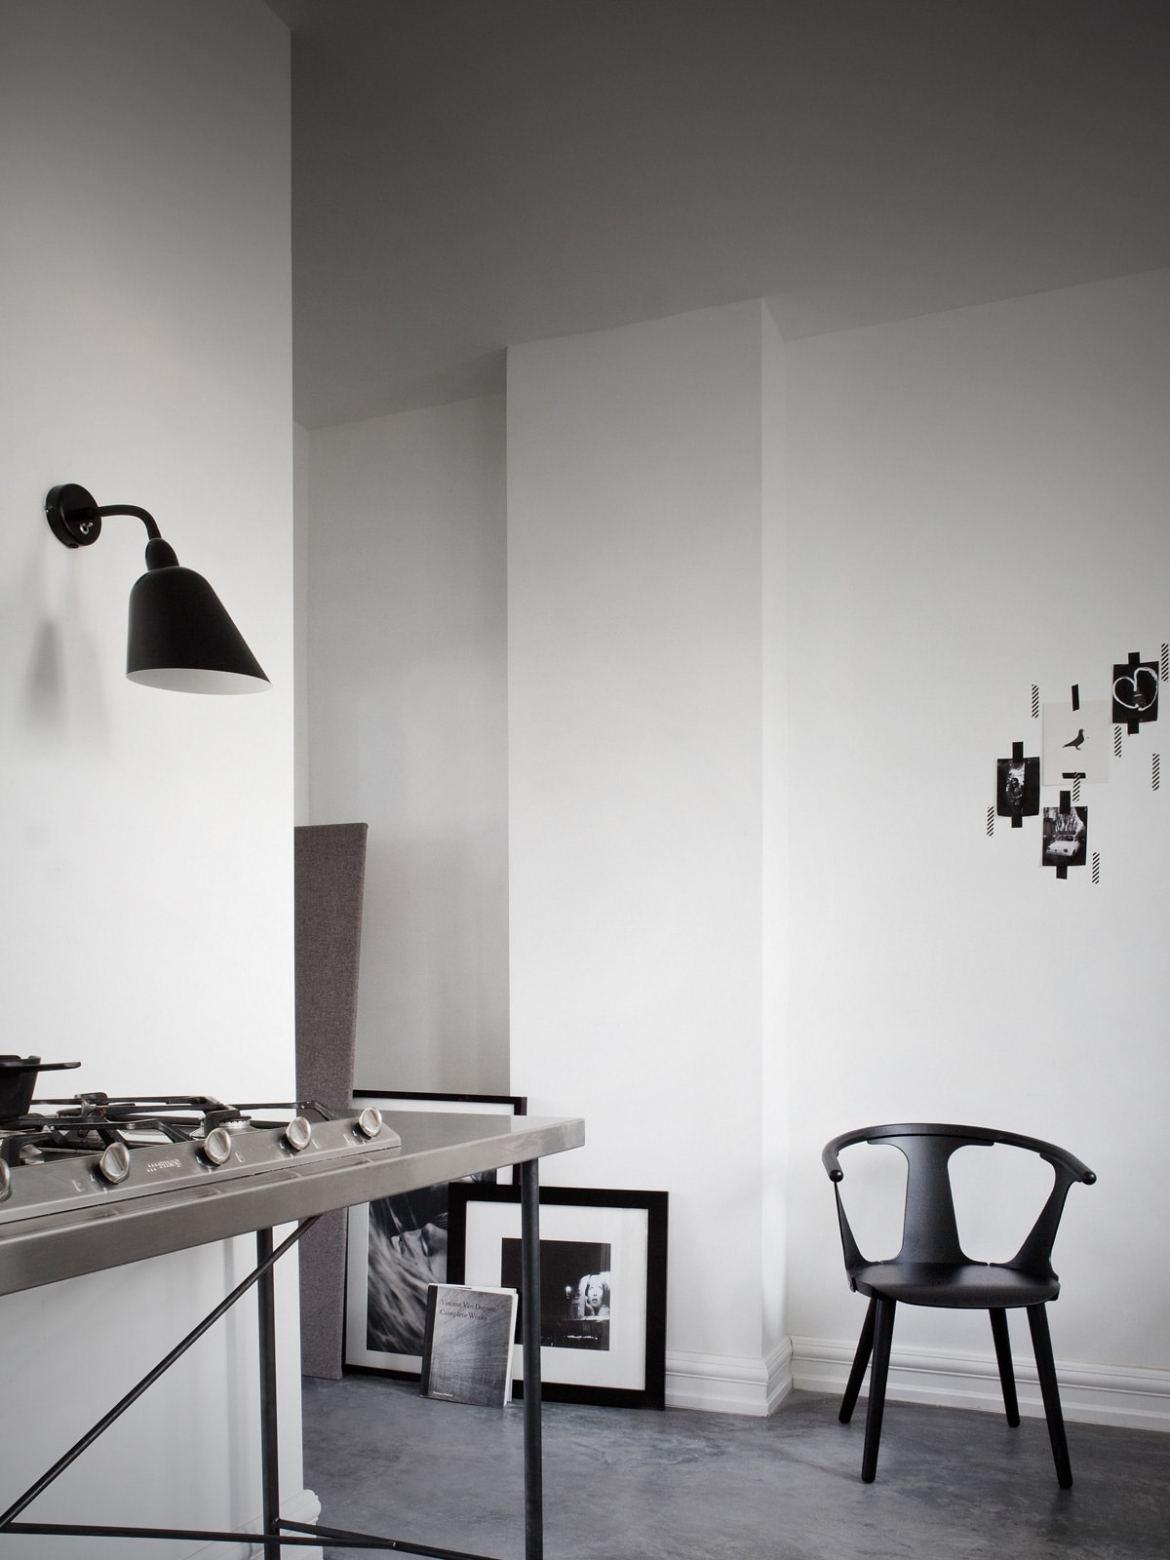 Großartig Kunst Und Handwerk Stil Küchenbeleuchtung Fotos - Ideen ...